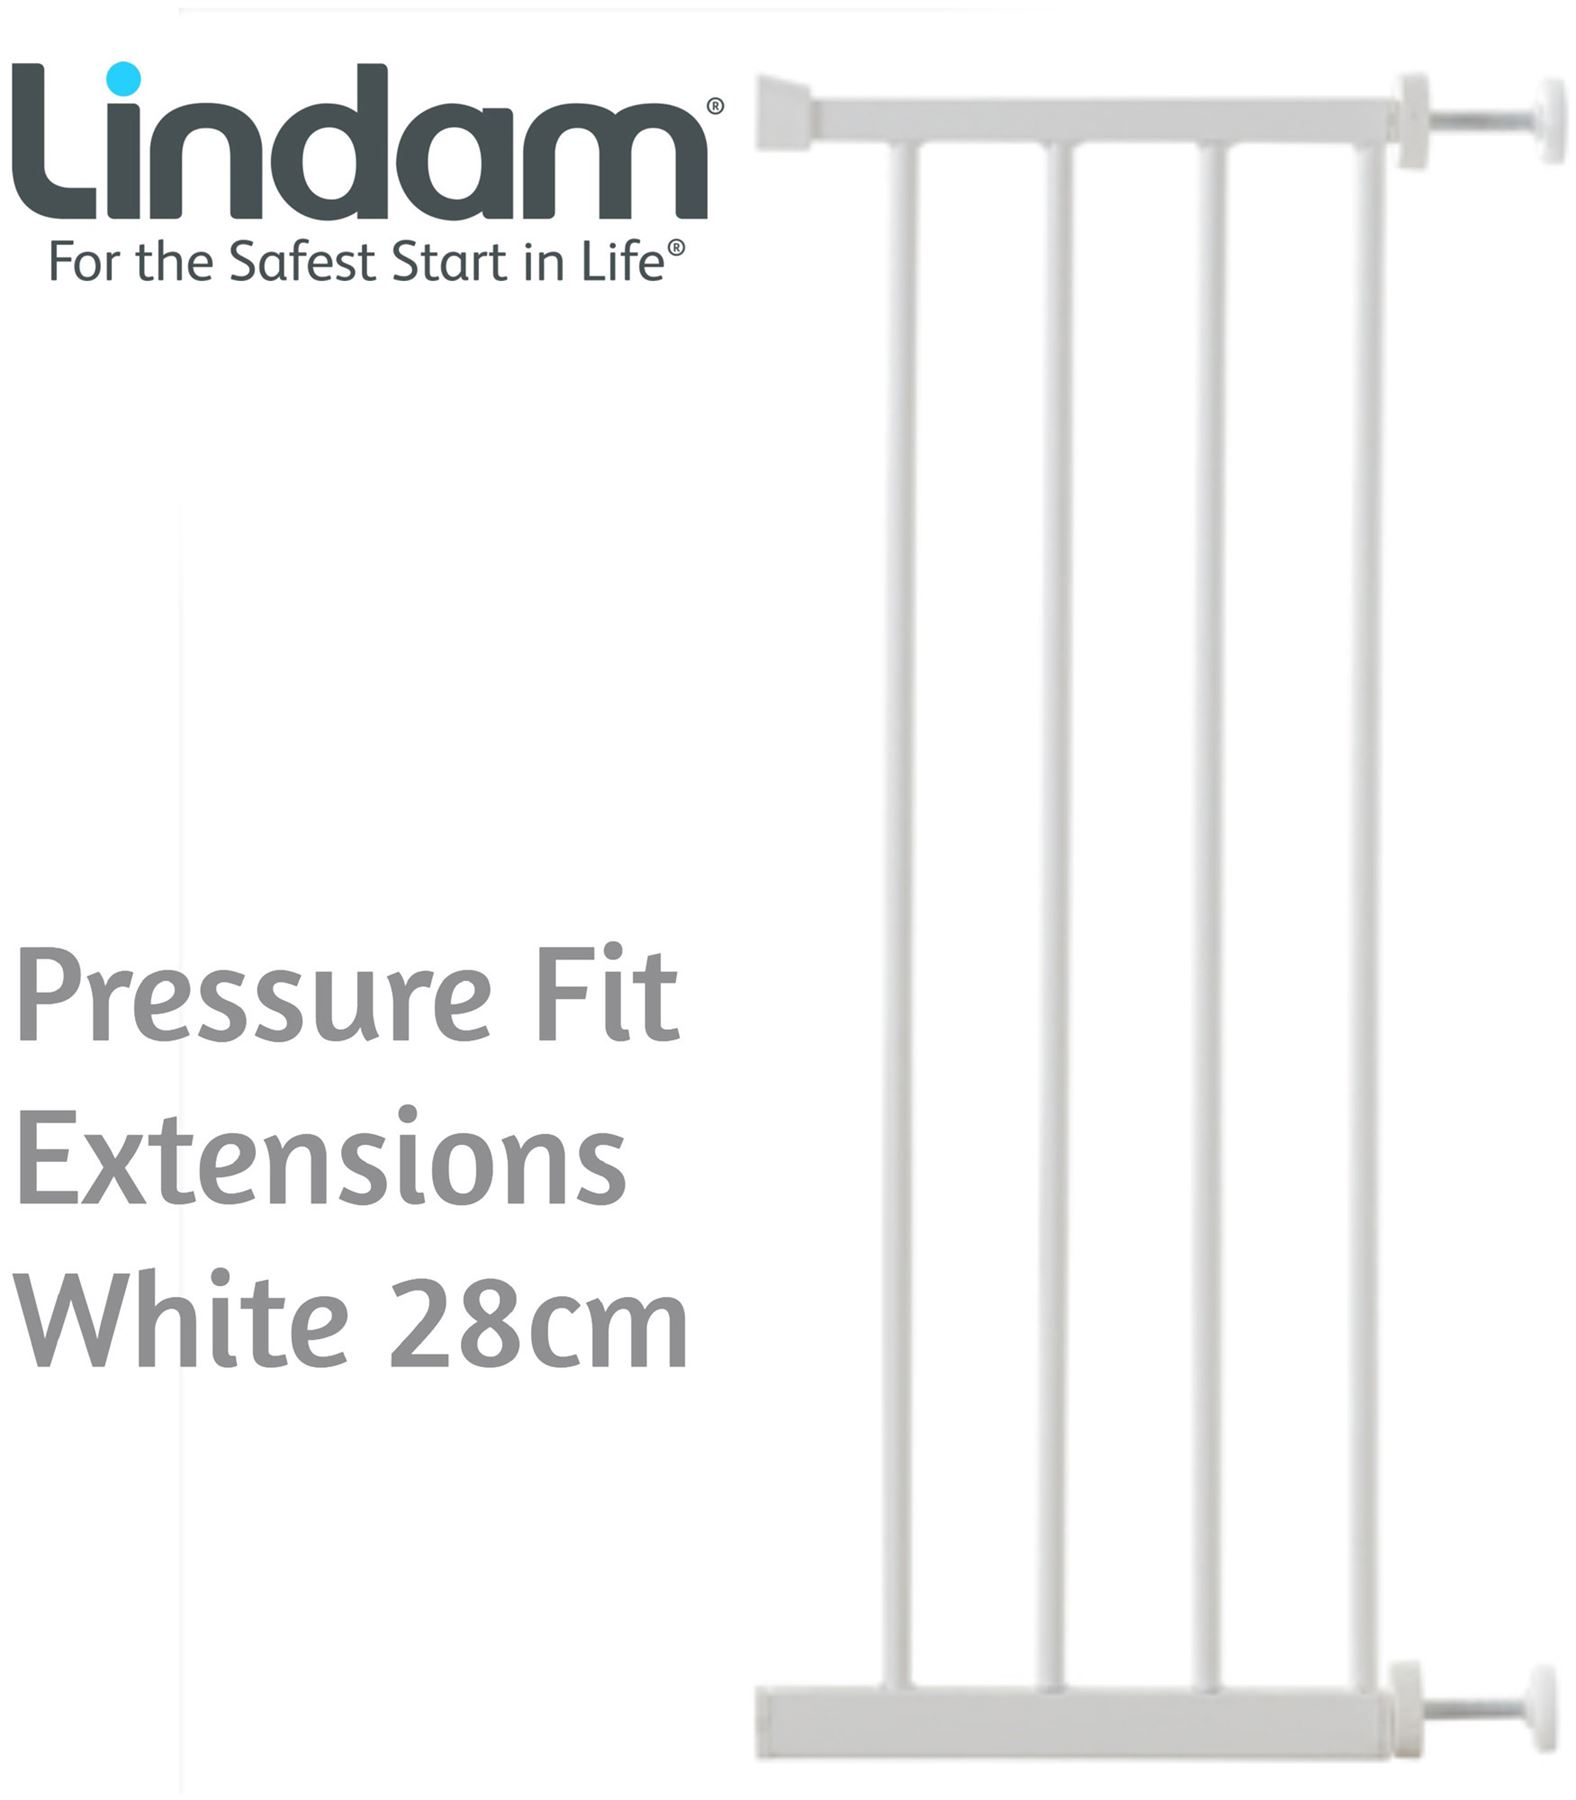 Lindam 14 cm de extensión universal-Blanco eje porte Orto Easy Fit Plus